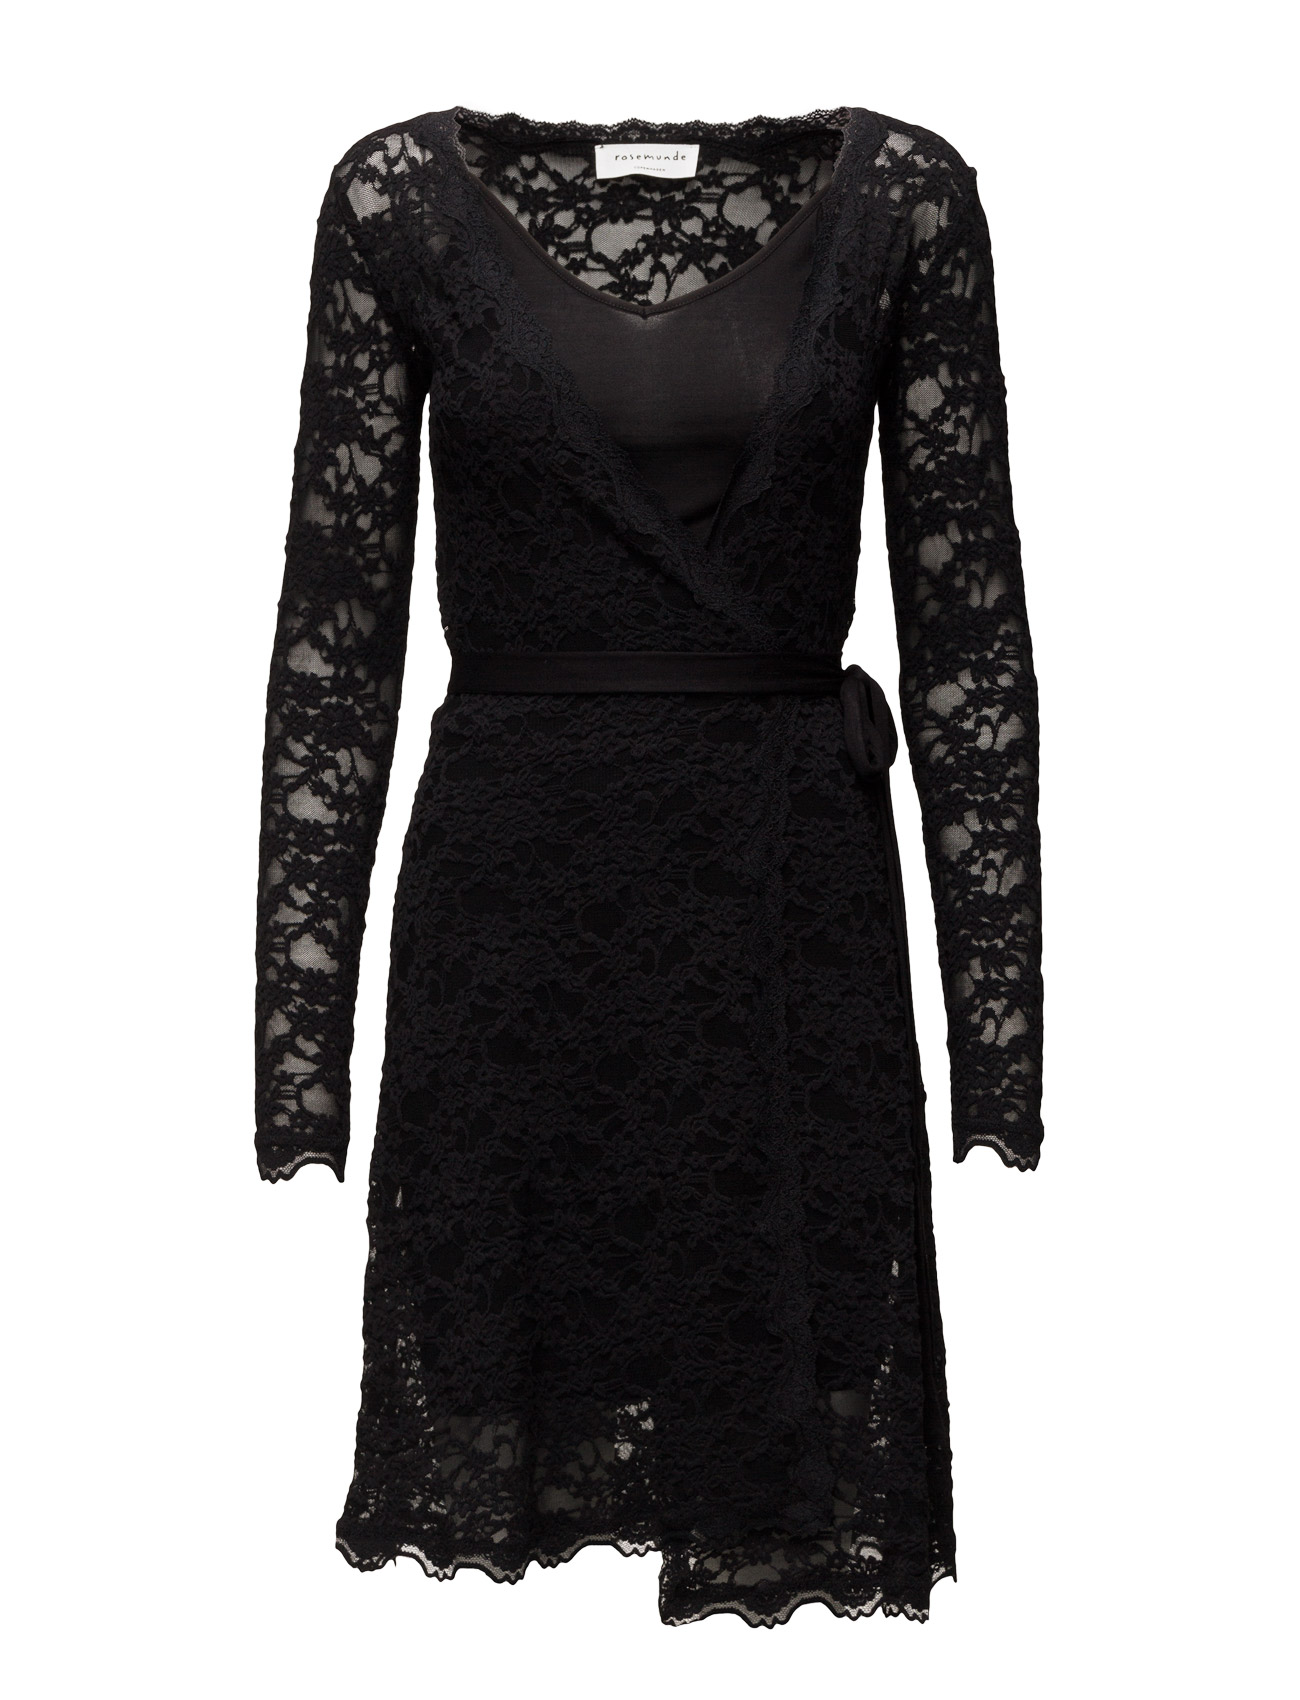 Dress Ls Rosemunde Korte kjoler til Damer i Sort